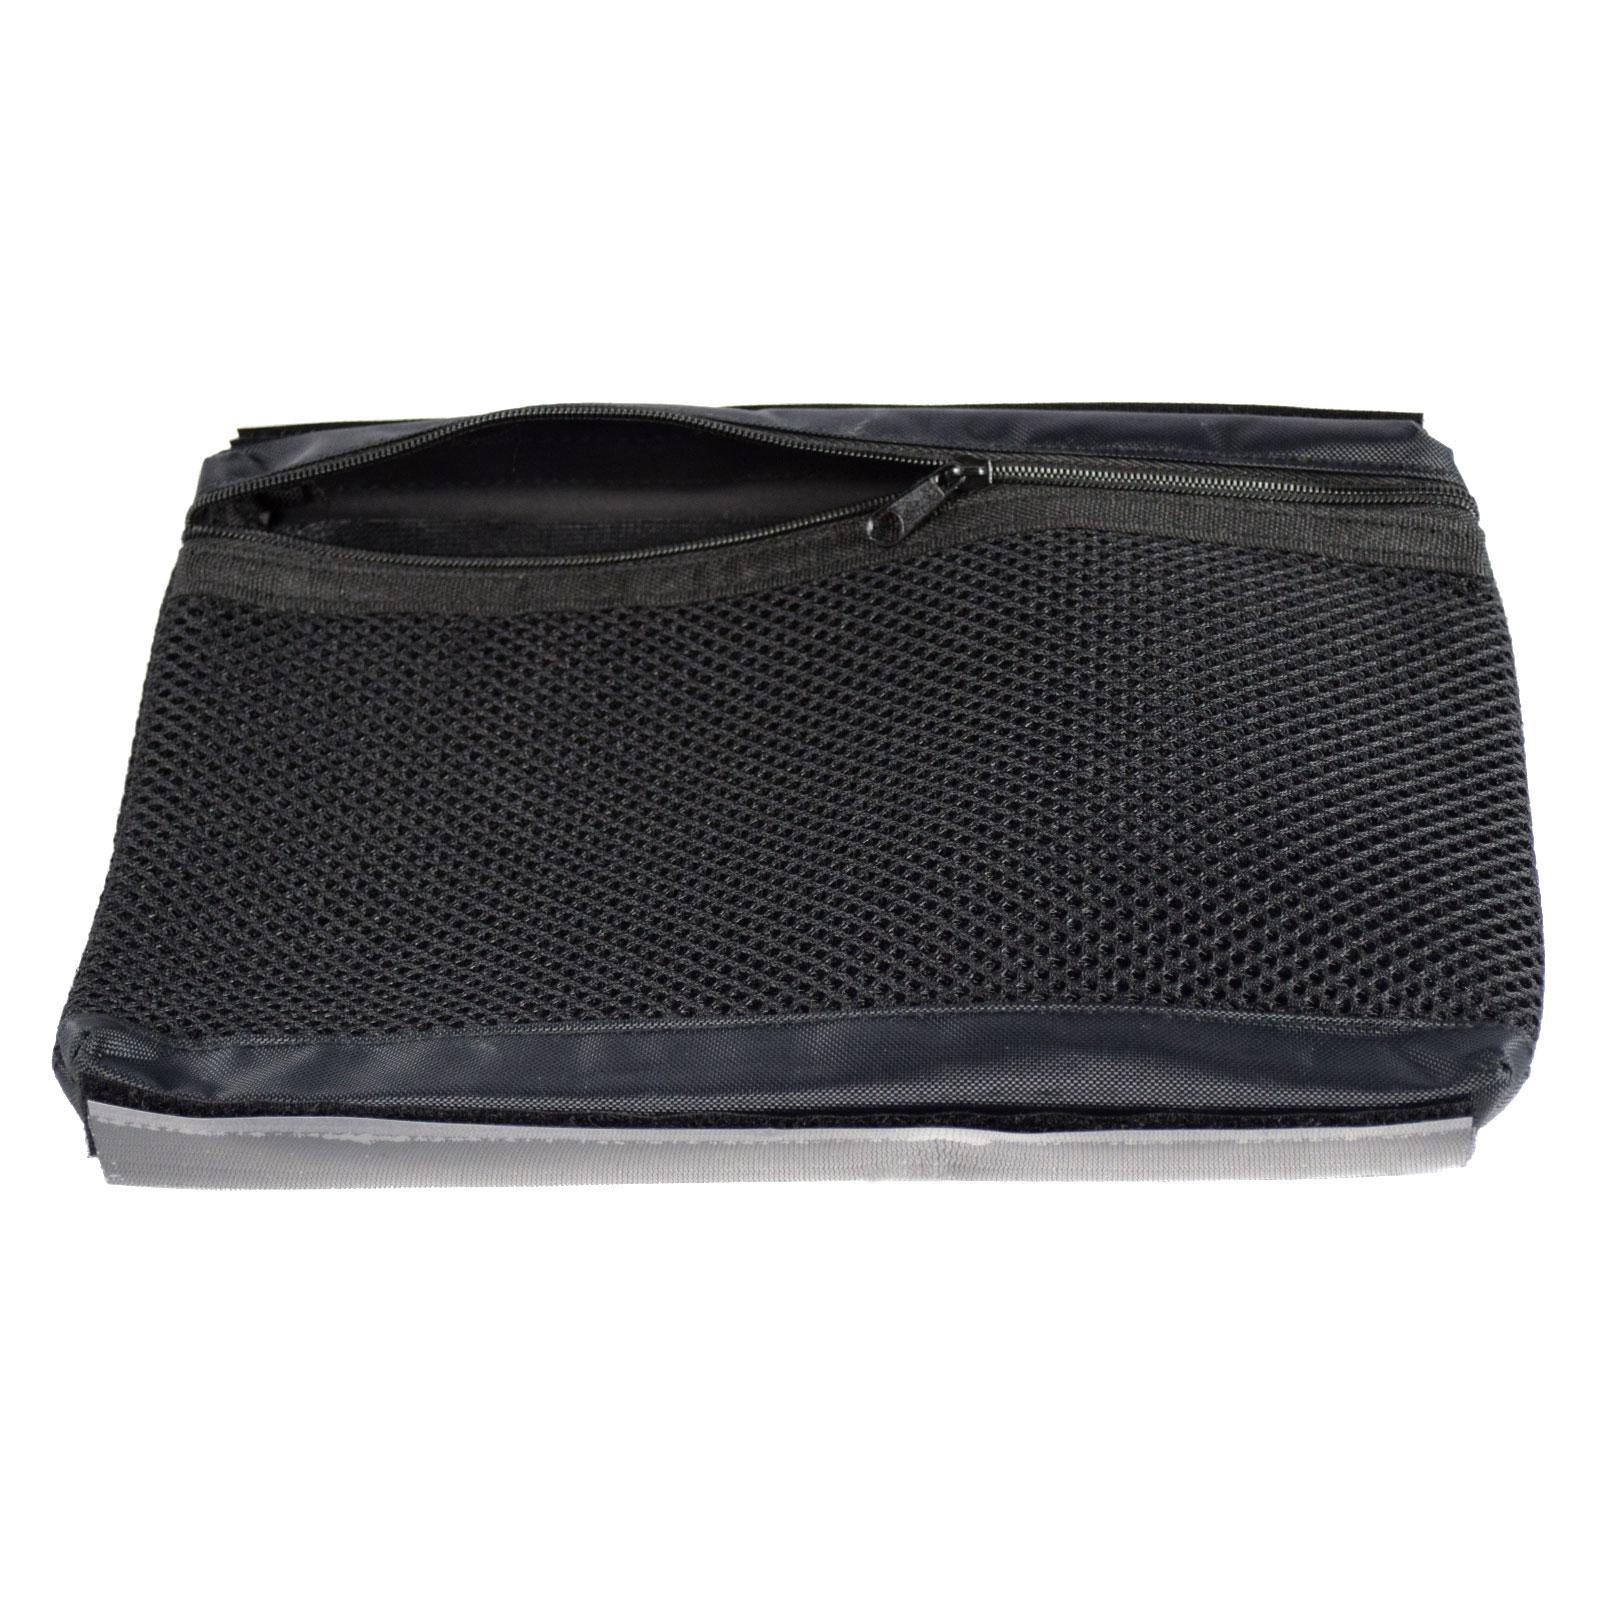 b w netz deckeltasche f r outdoor cases g nstig kaufen. Black Bedroom Furniture Sets. Home Design Ideas